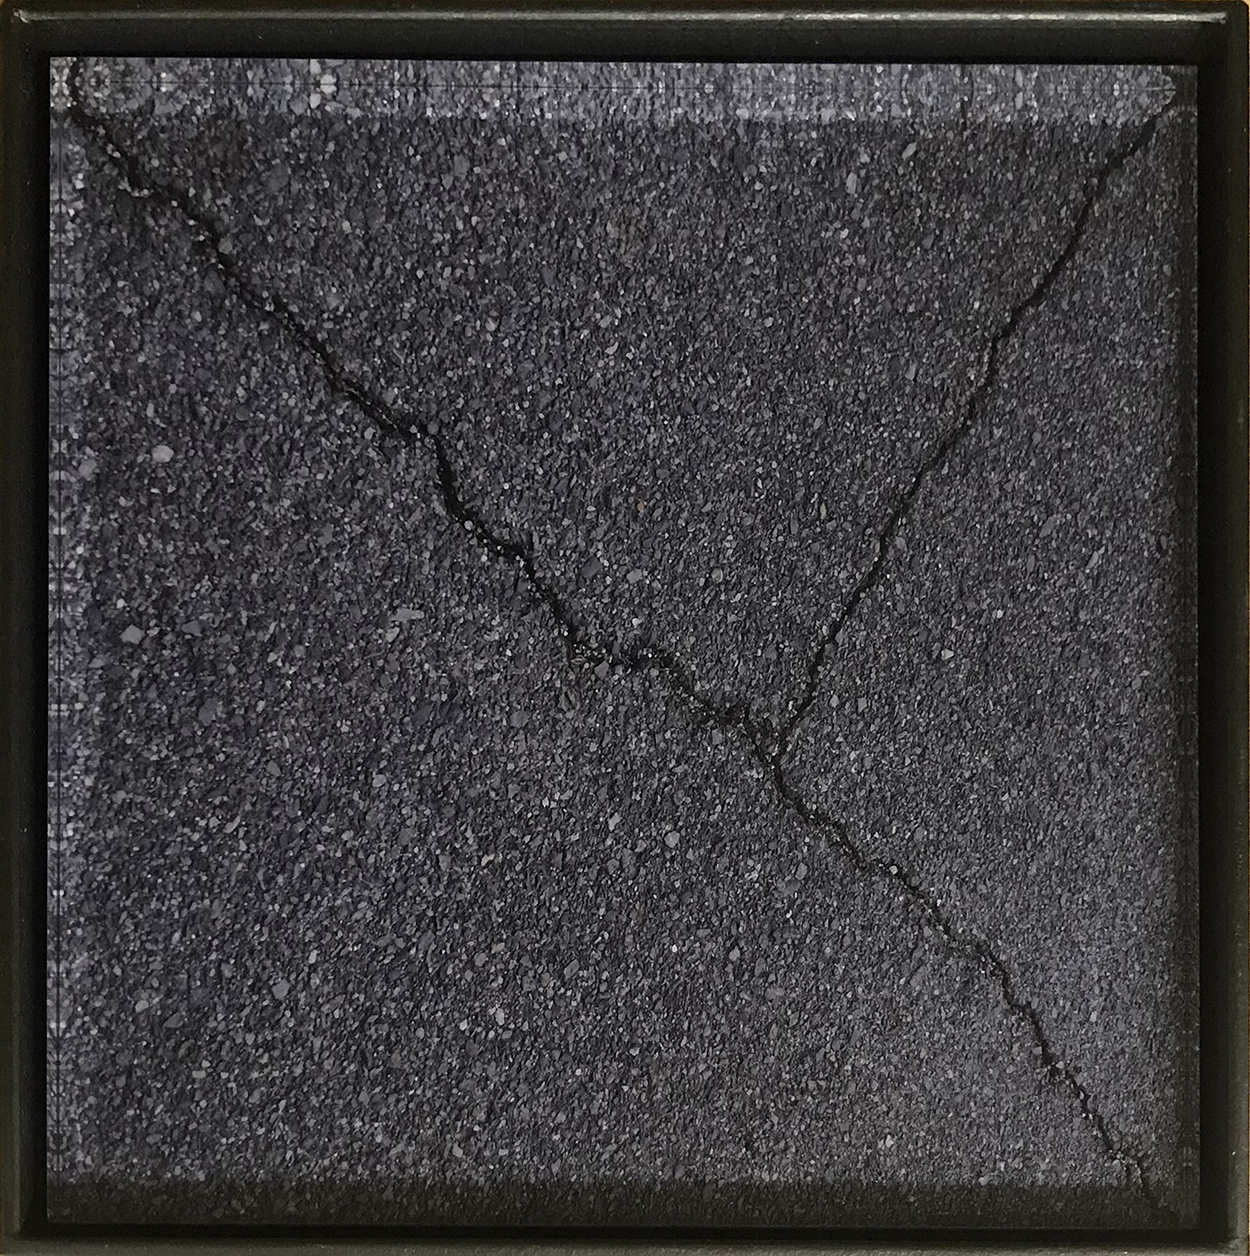 対角を見つける/find the opposite angle|Lambda silversalt print, acrylic board, iron|192 x 192 x 50 mm|2017<br>人類が矩形を意識し始めたのはいつからだろう。太古の昔は、四角い形で対象を切り取る、ということはなかったはずだ。<br>住居が生まれ、建築物を作り始めることで四角い形が生じ、四本の直線が矩形を意識させたのかもしれない。